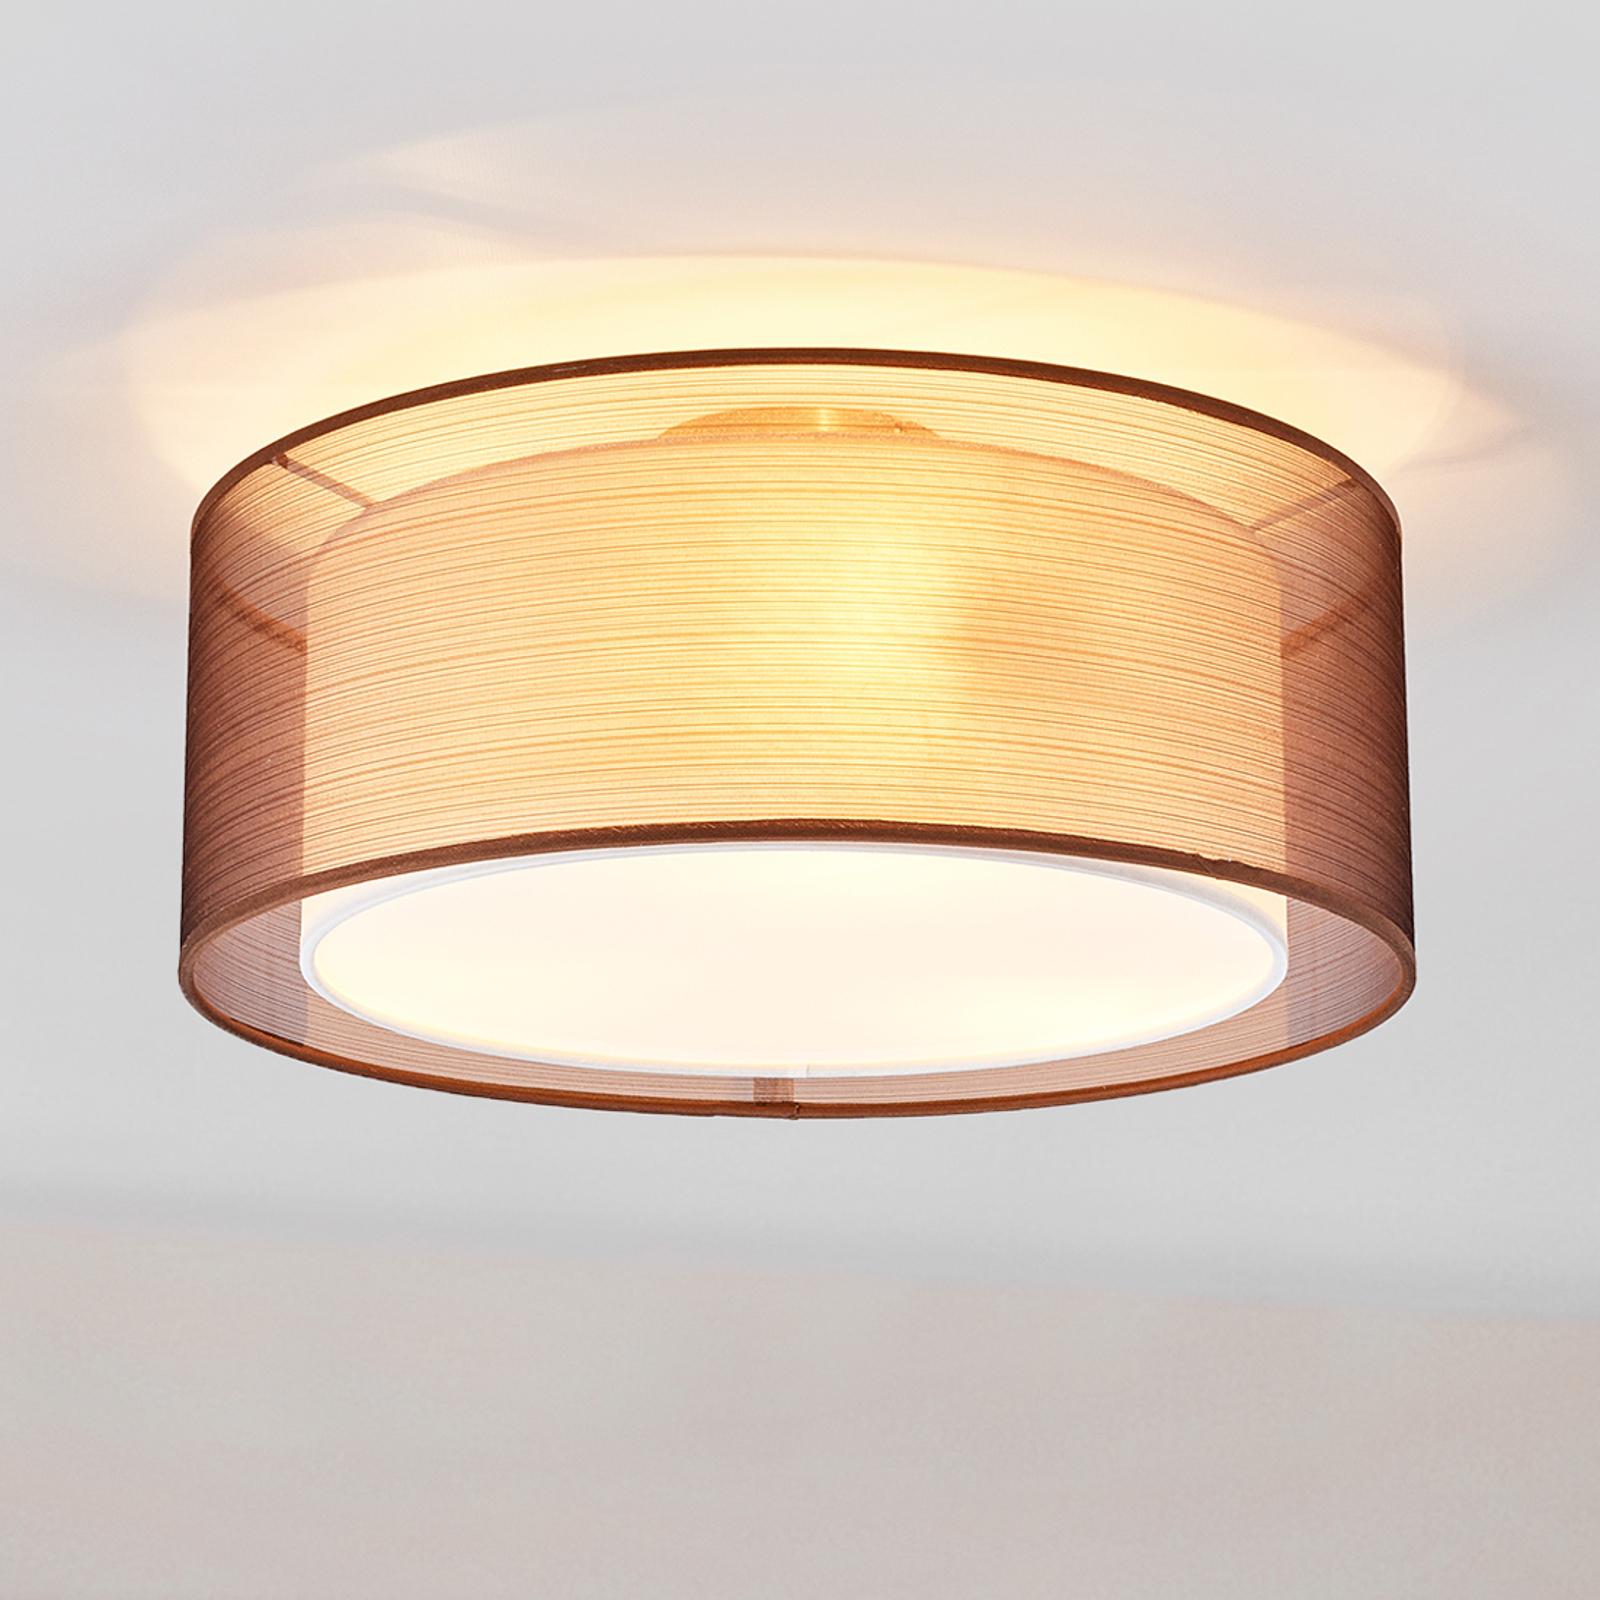 Brązowa materiałowa lampa sufitowa Nica